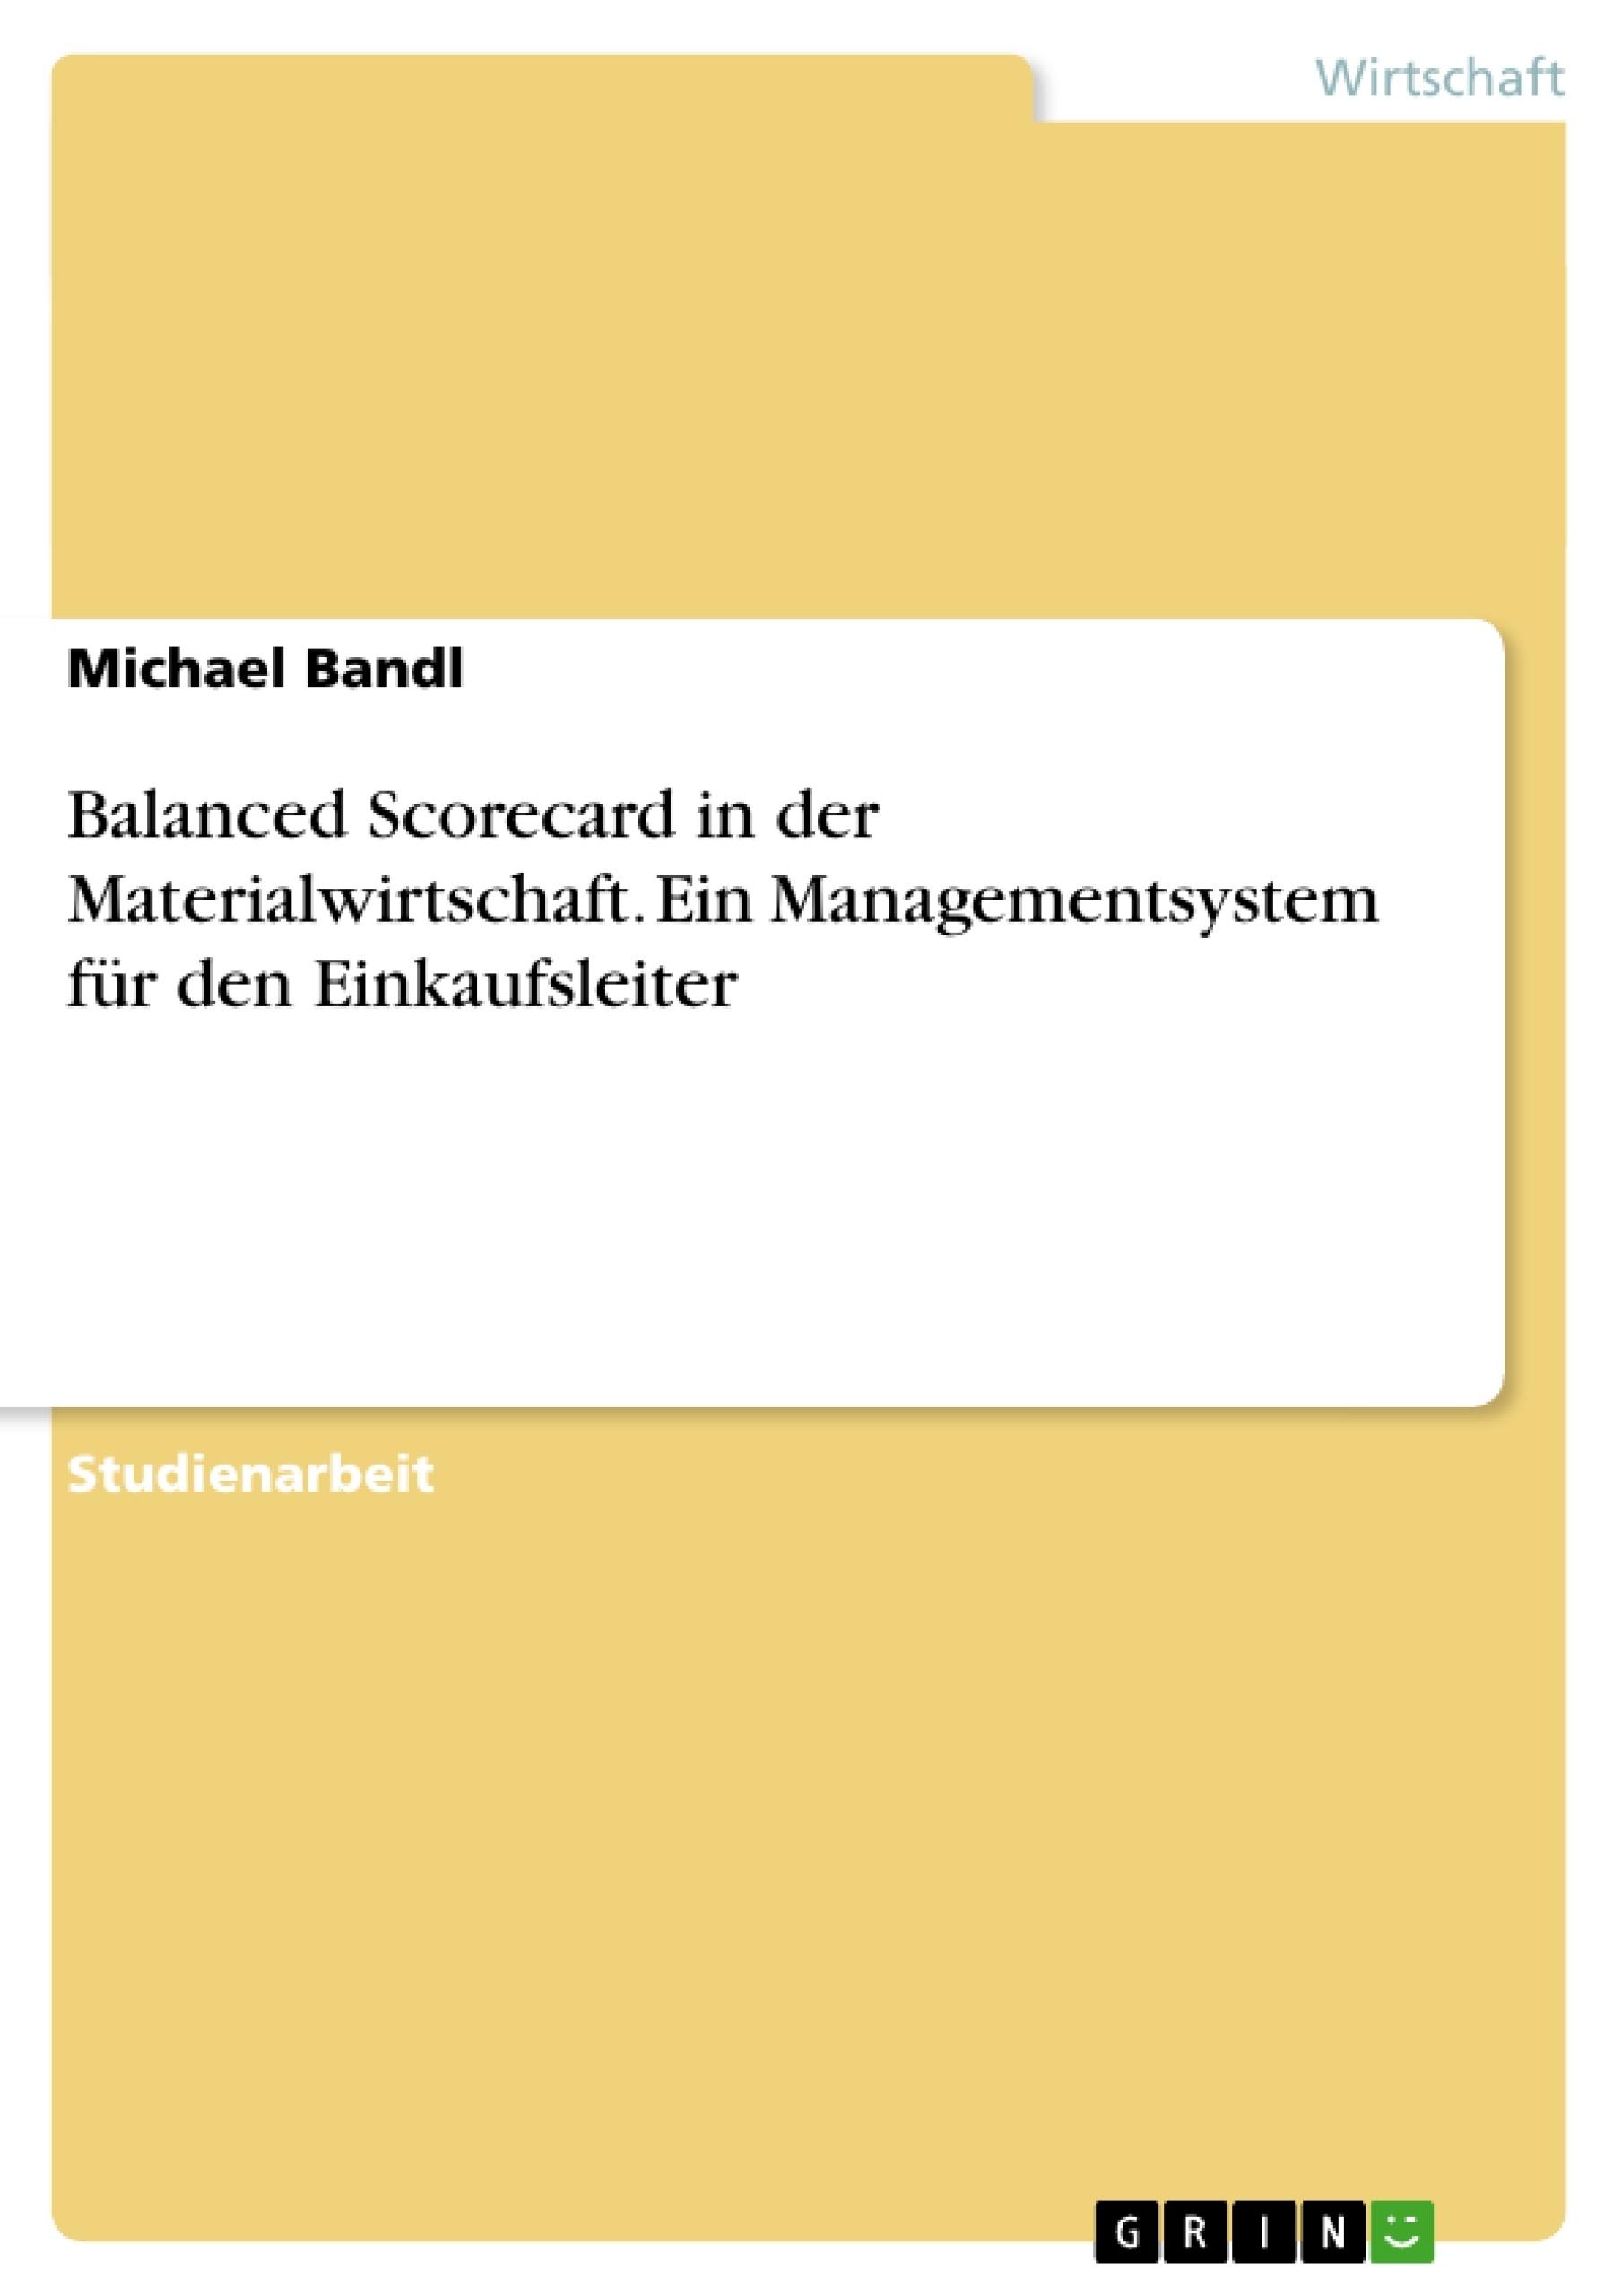 Titel: Balanced Scorecard in der Materialwirtschaft. Ein Managementsystem für den Einkaufsleiter